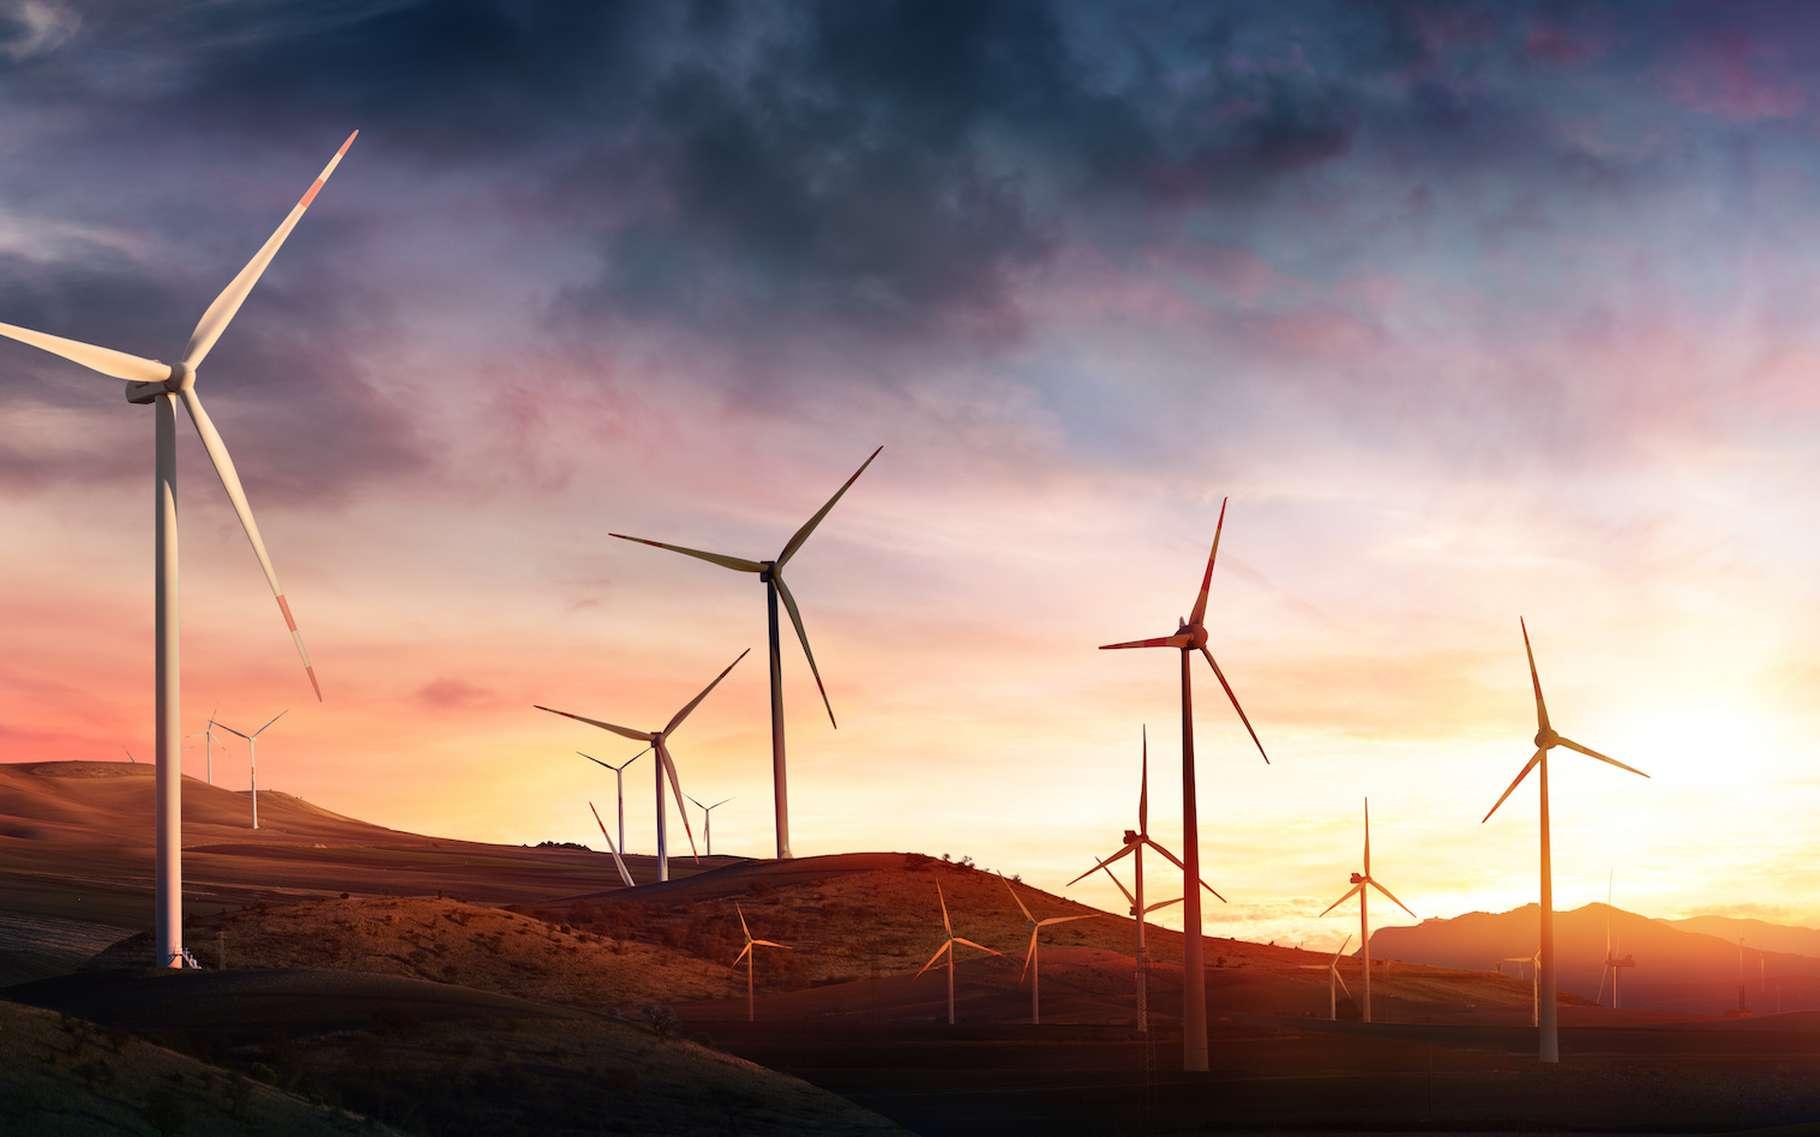 L'énergie éolienne a ses détracteurs. Leurs arguments sont-ils solides ? La réponse n'est pas si simple. © Romolo Tavani, Adobe Stock